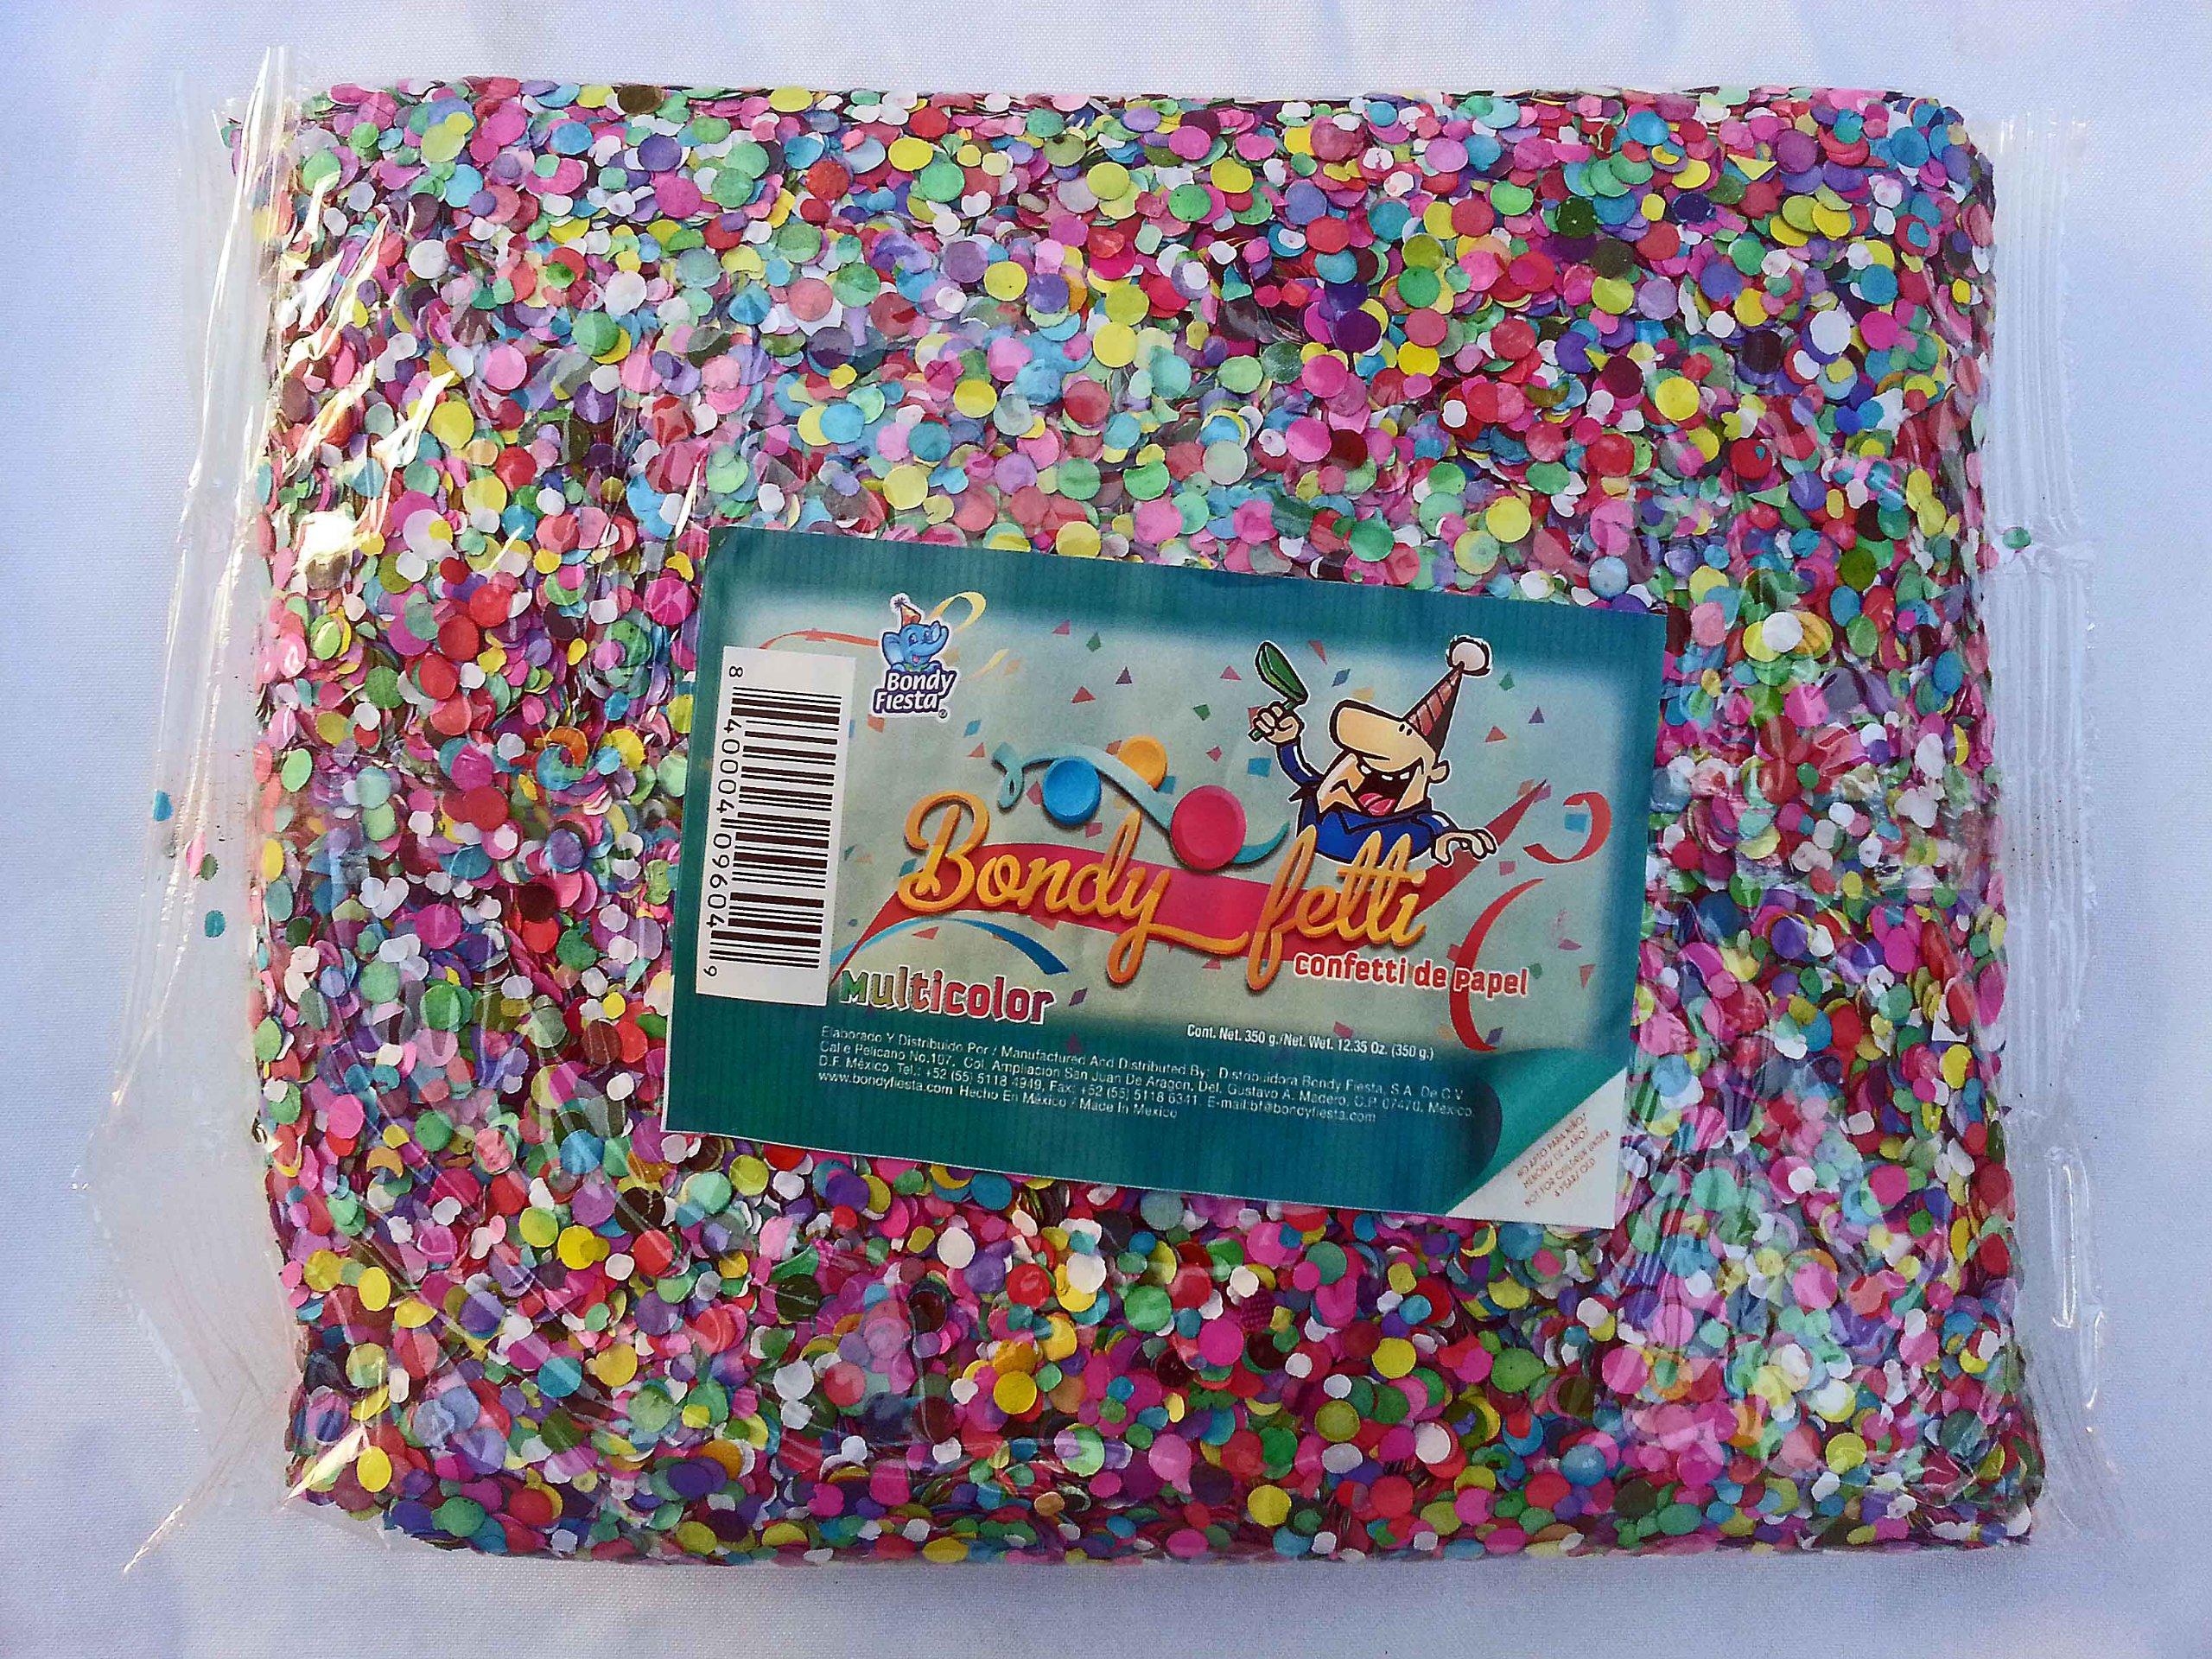 Confetti Multicolor Mexican Confetti 1bag of 12oz (350g) Model: